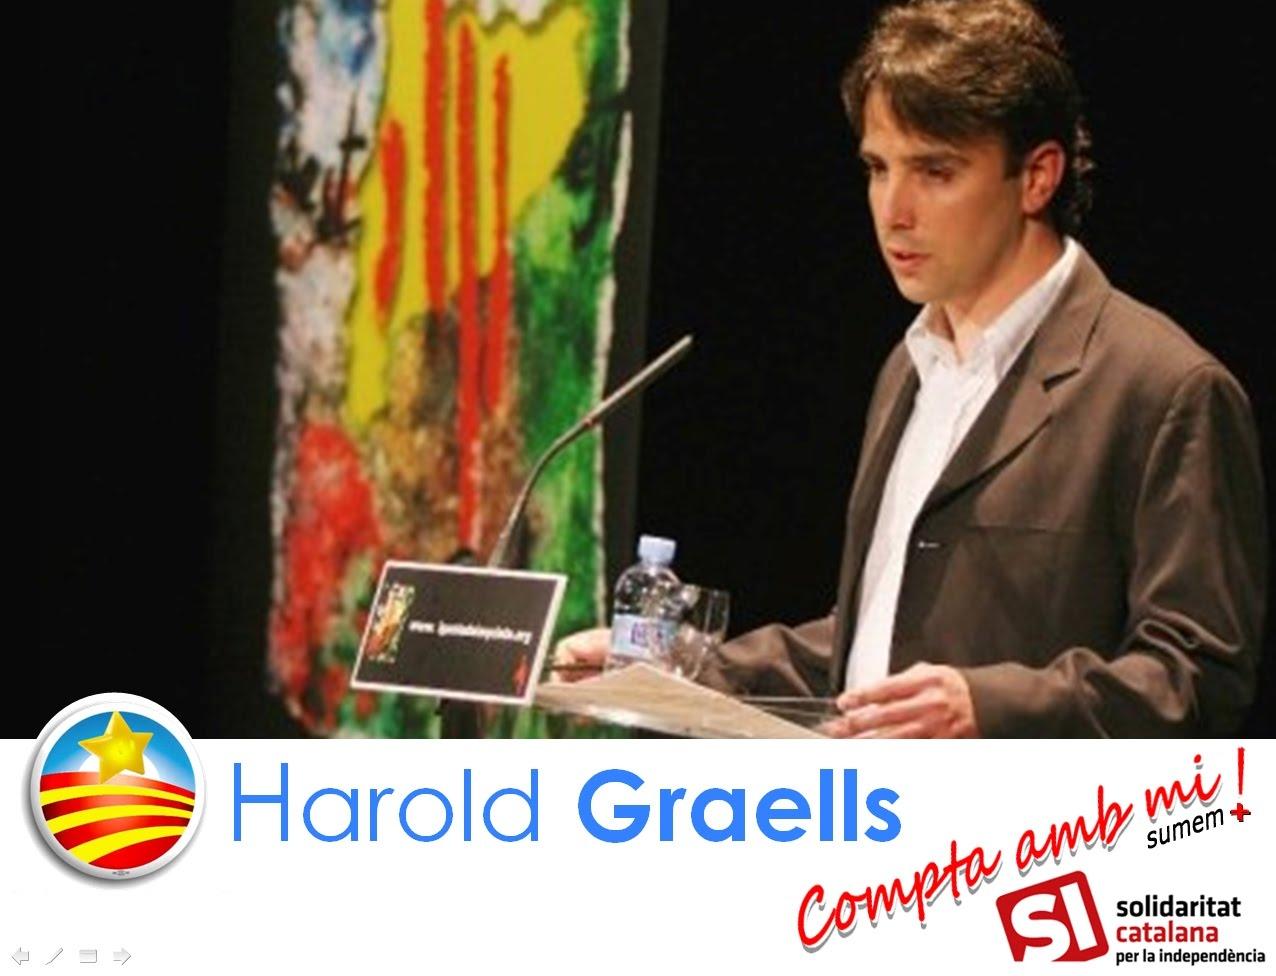 La candidatura de Harold Graells